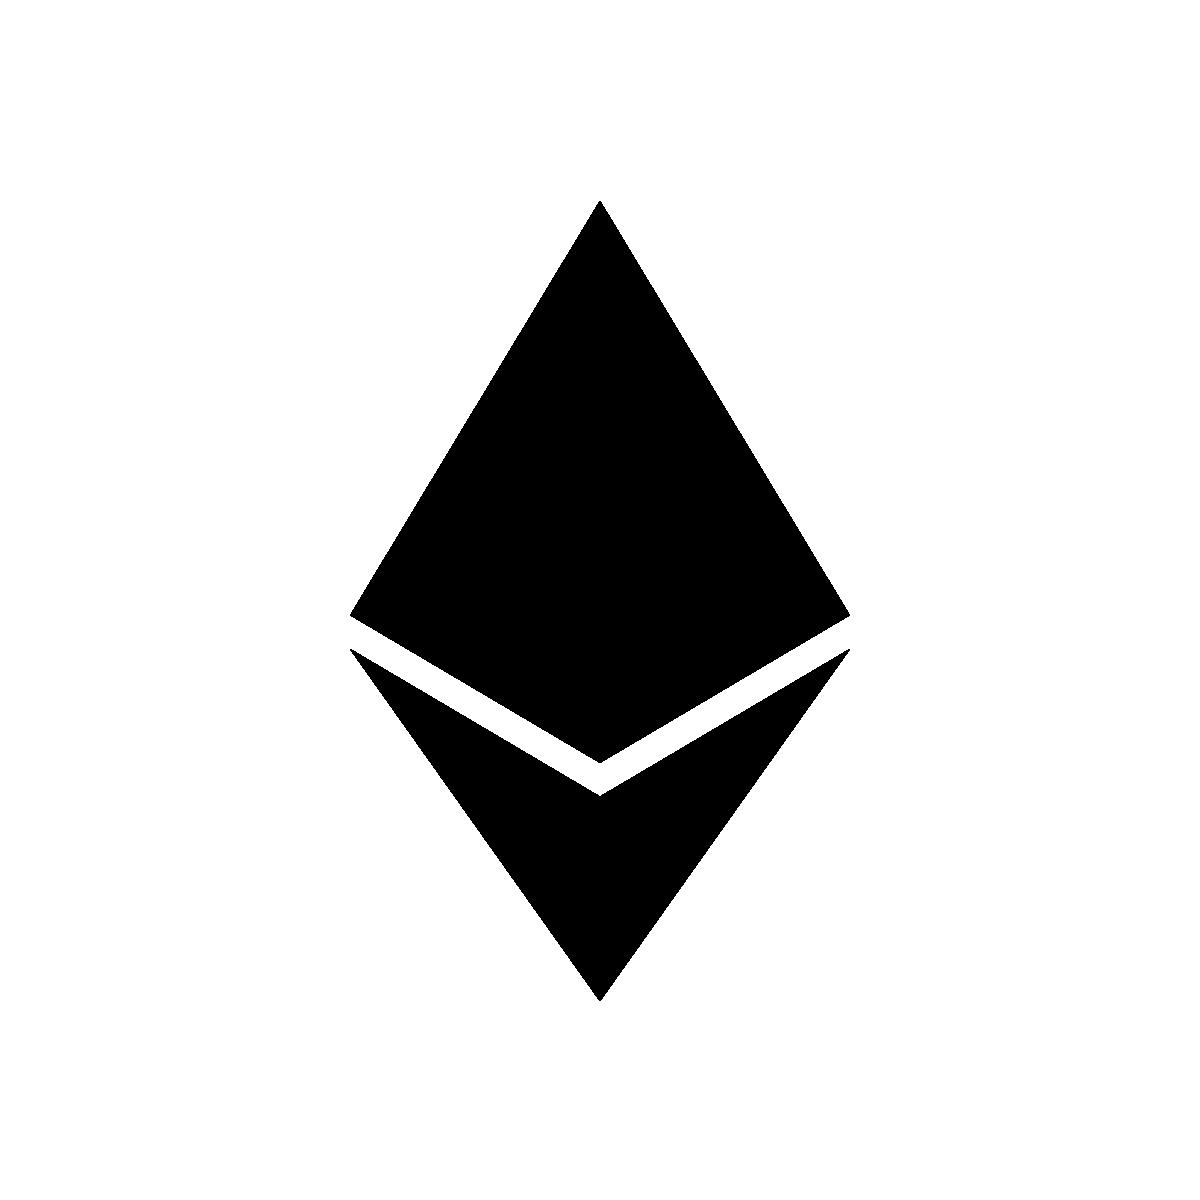 イーサリウム 仮想通貨